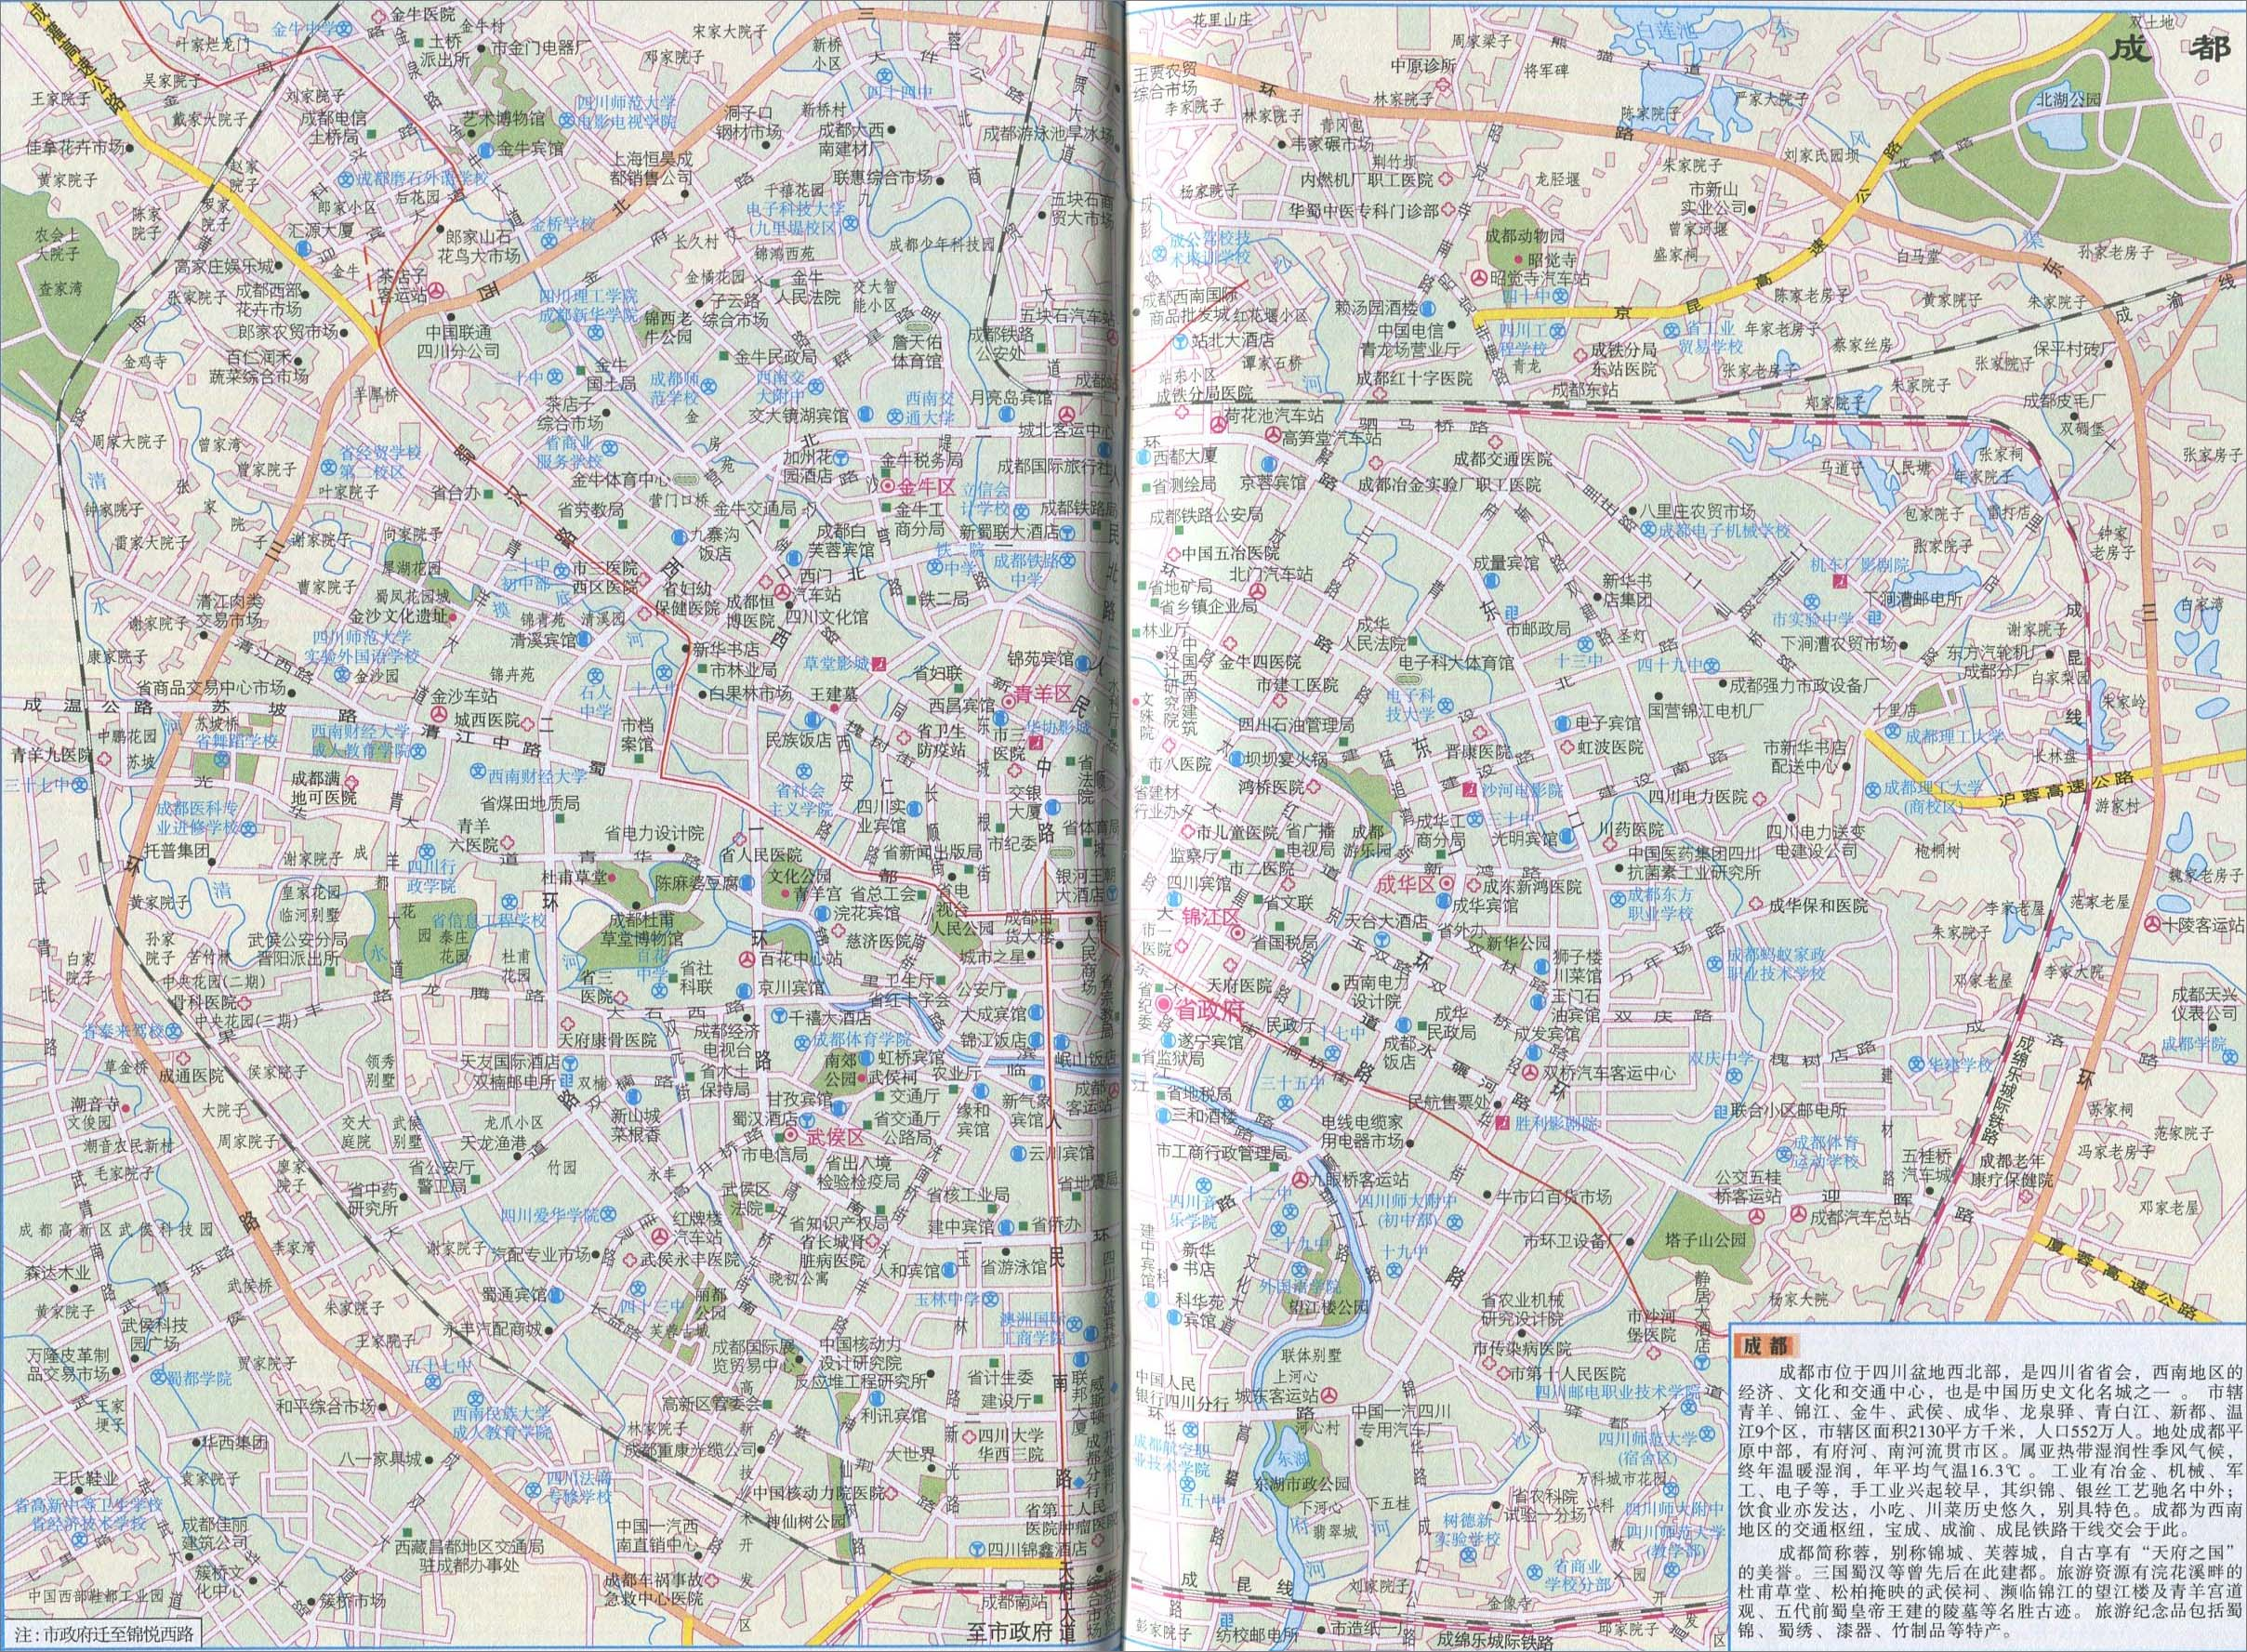 > 成都市区地图高清版大图_龙岩市区地图高清版大图  成都市交通地图